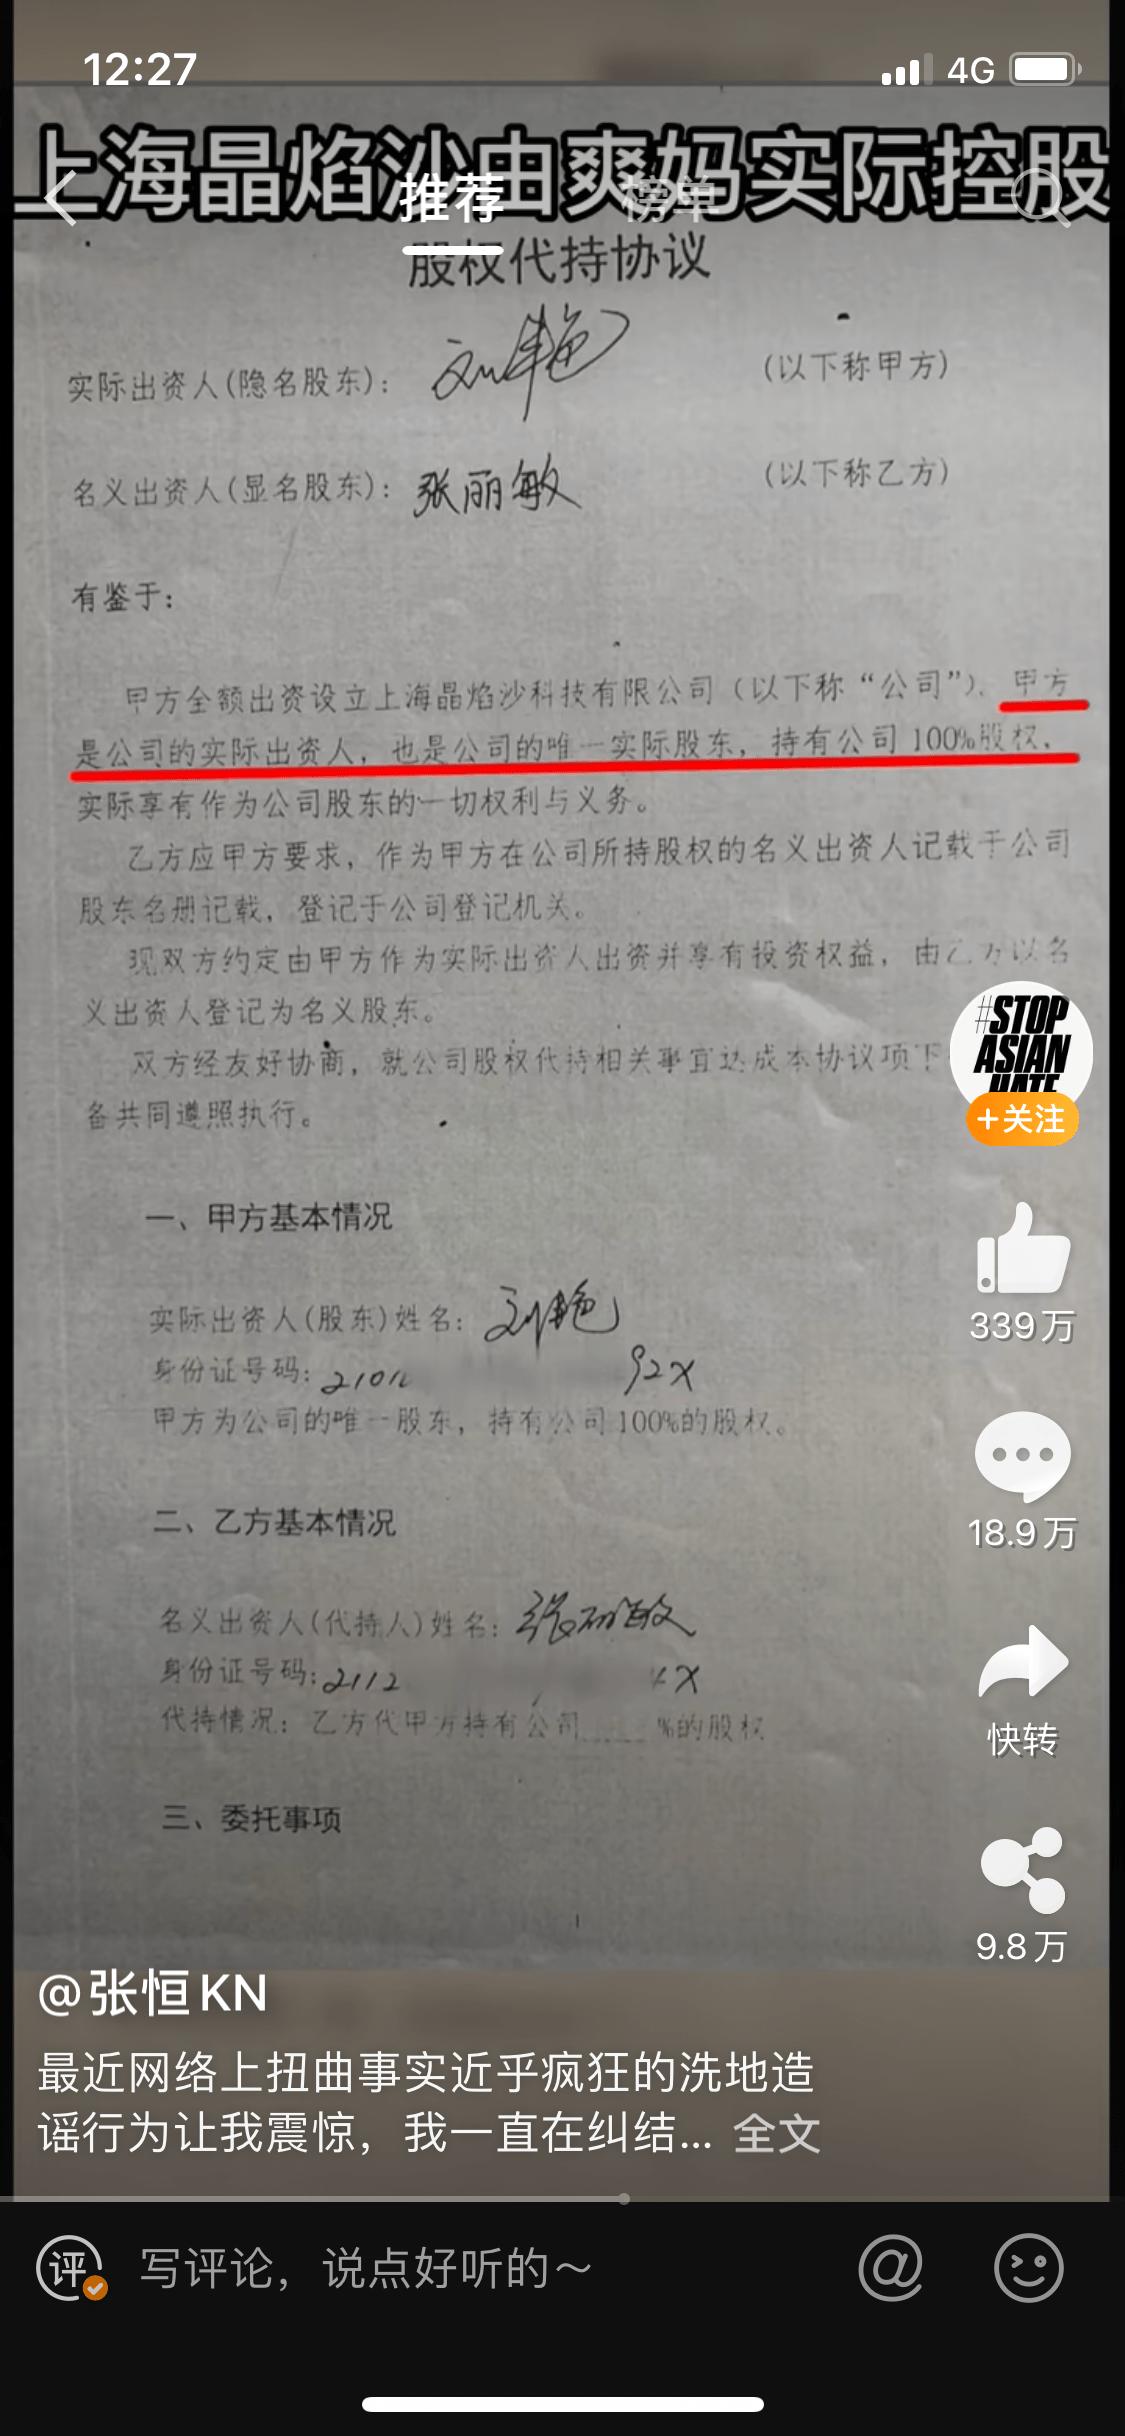 郑爽被曝1.6亿元天价片酬牵连这家上市公司,《倩女幽魂》播映遥遥无期  第2张